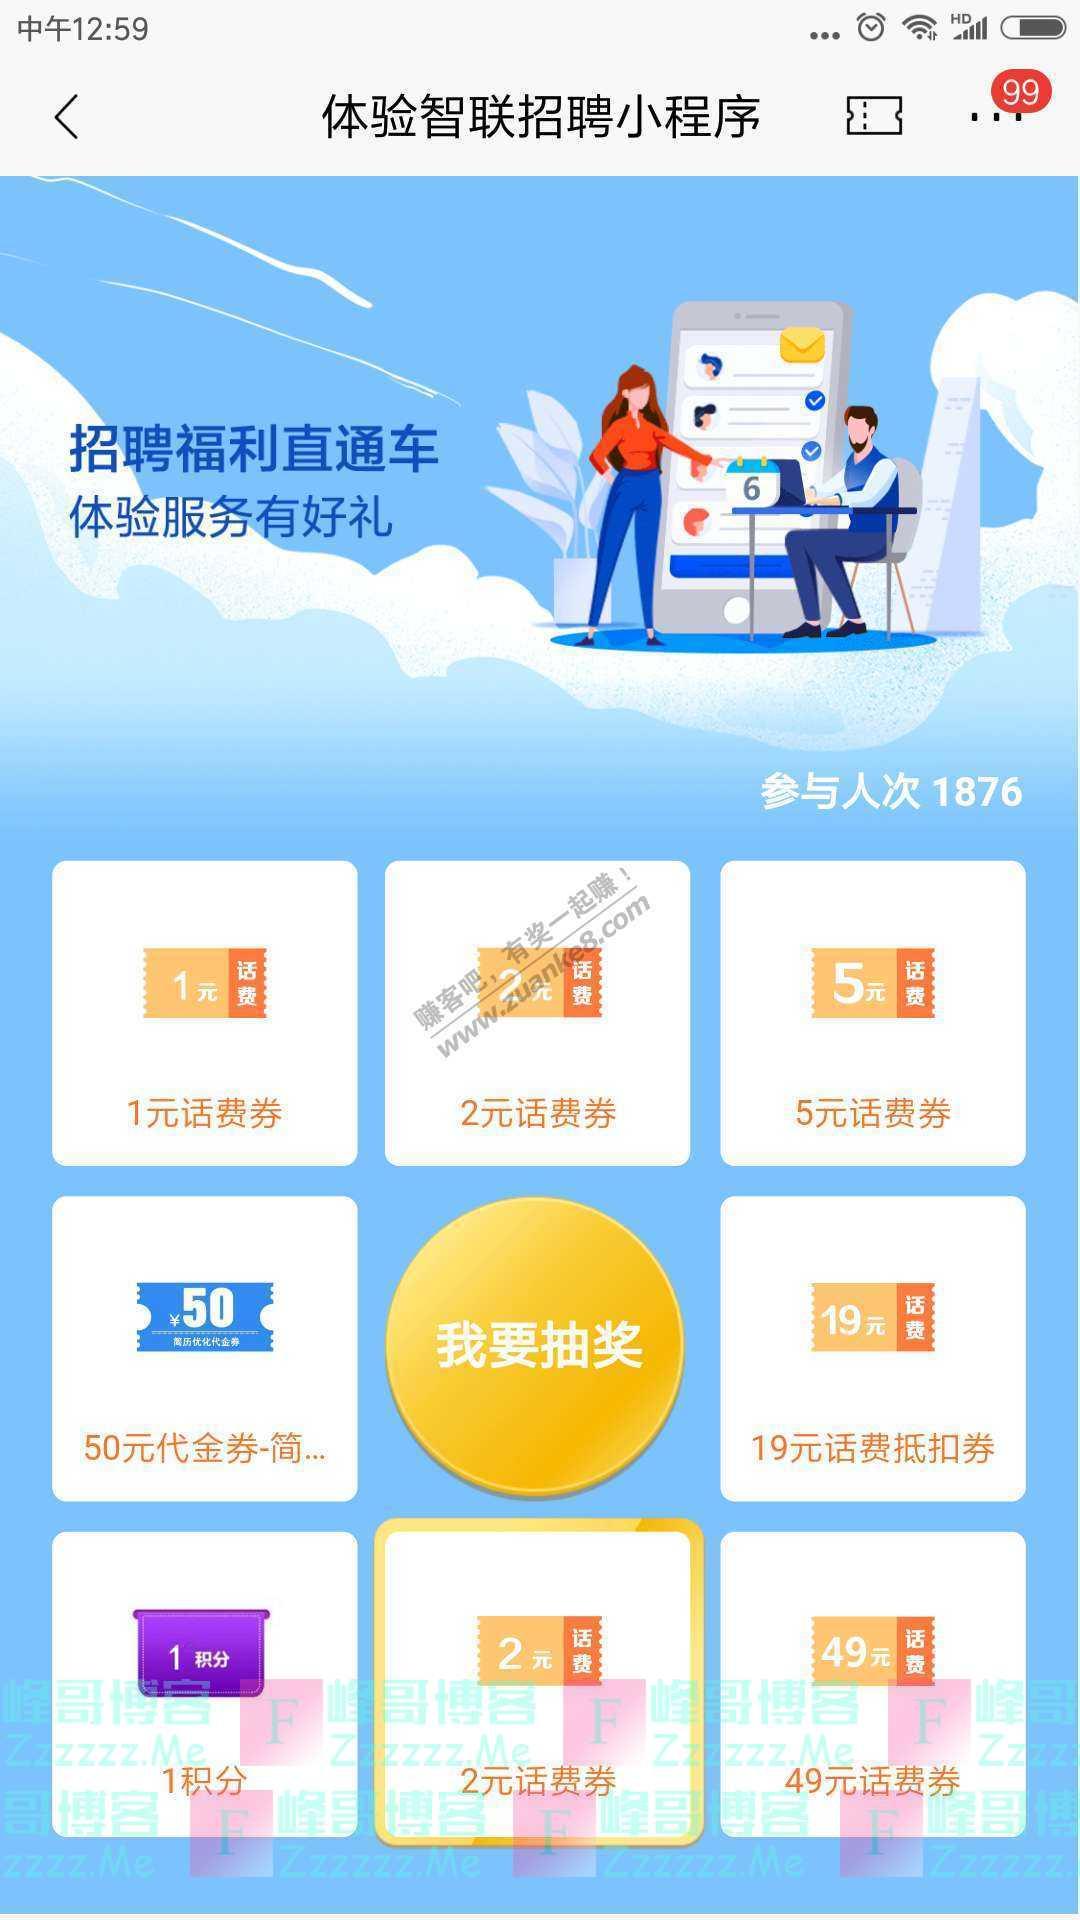 招商银行app招聘福利直通车 体验服务赢好礼(截止8月31日)